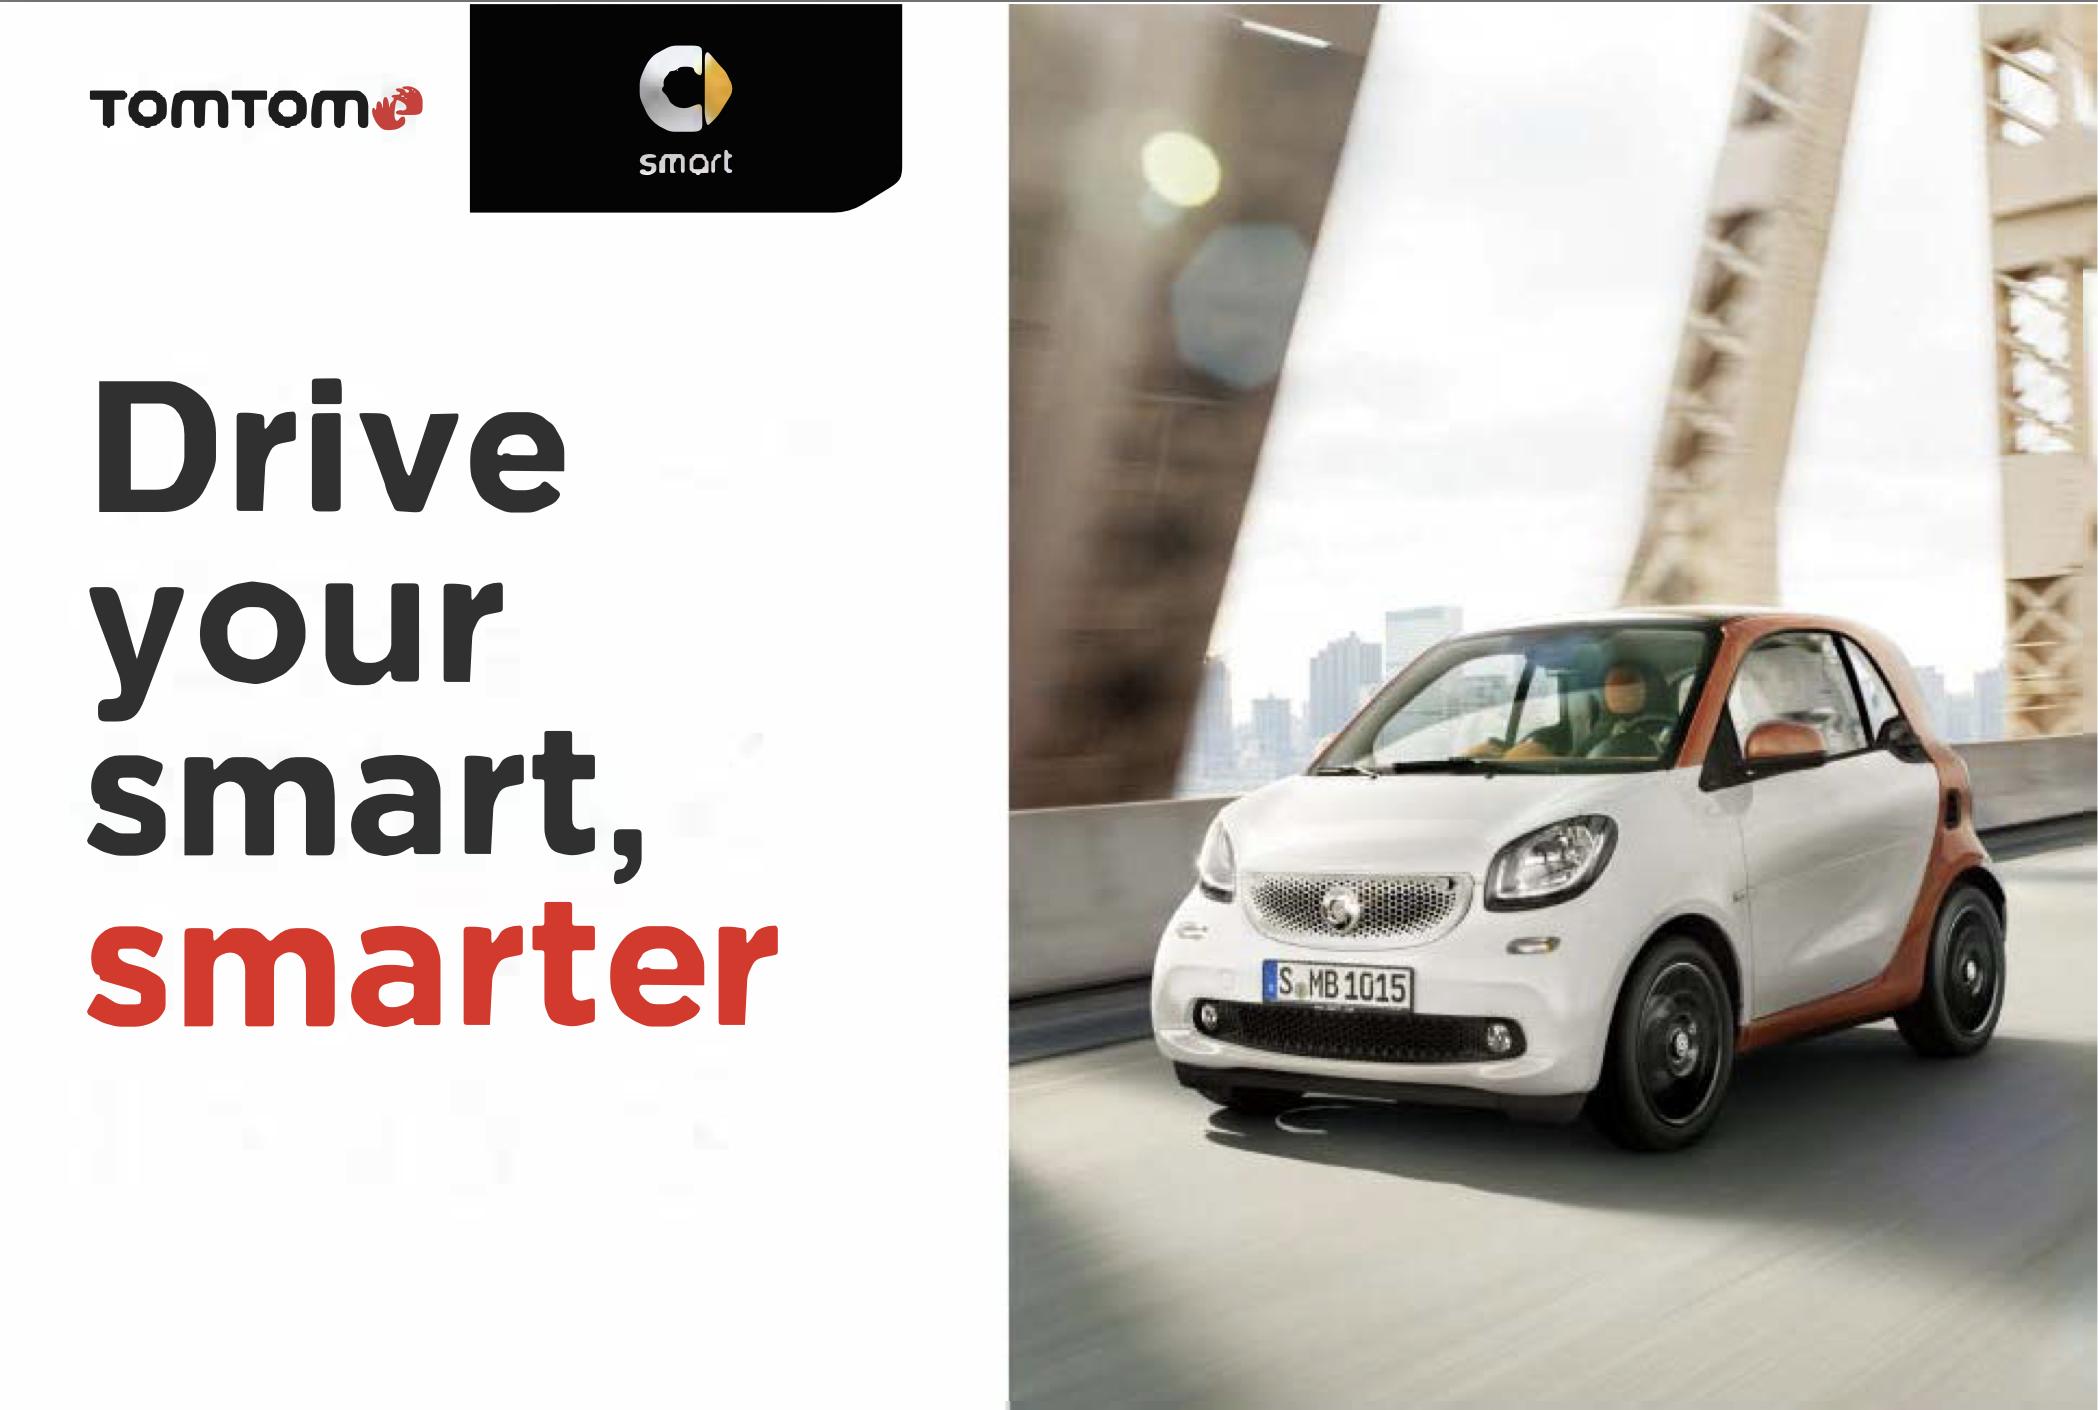 smart live services campaign